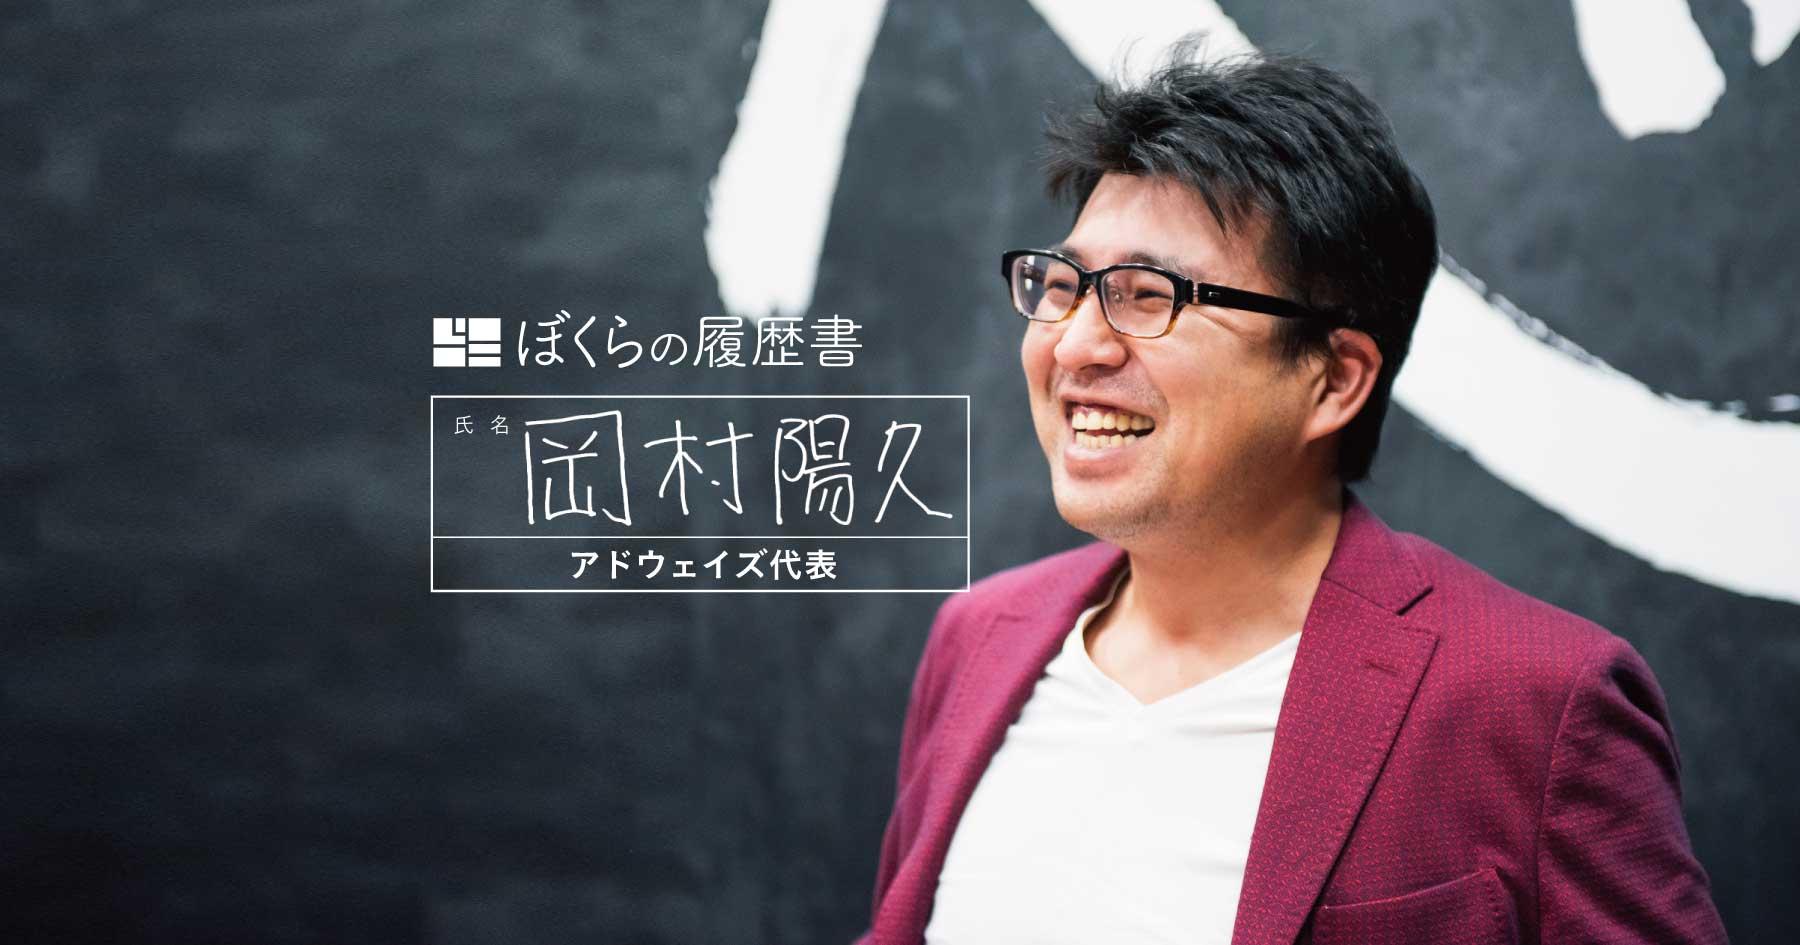 岡村陽久の履歴書アイキャッチ